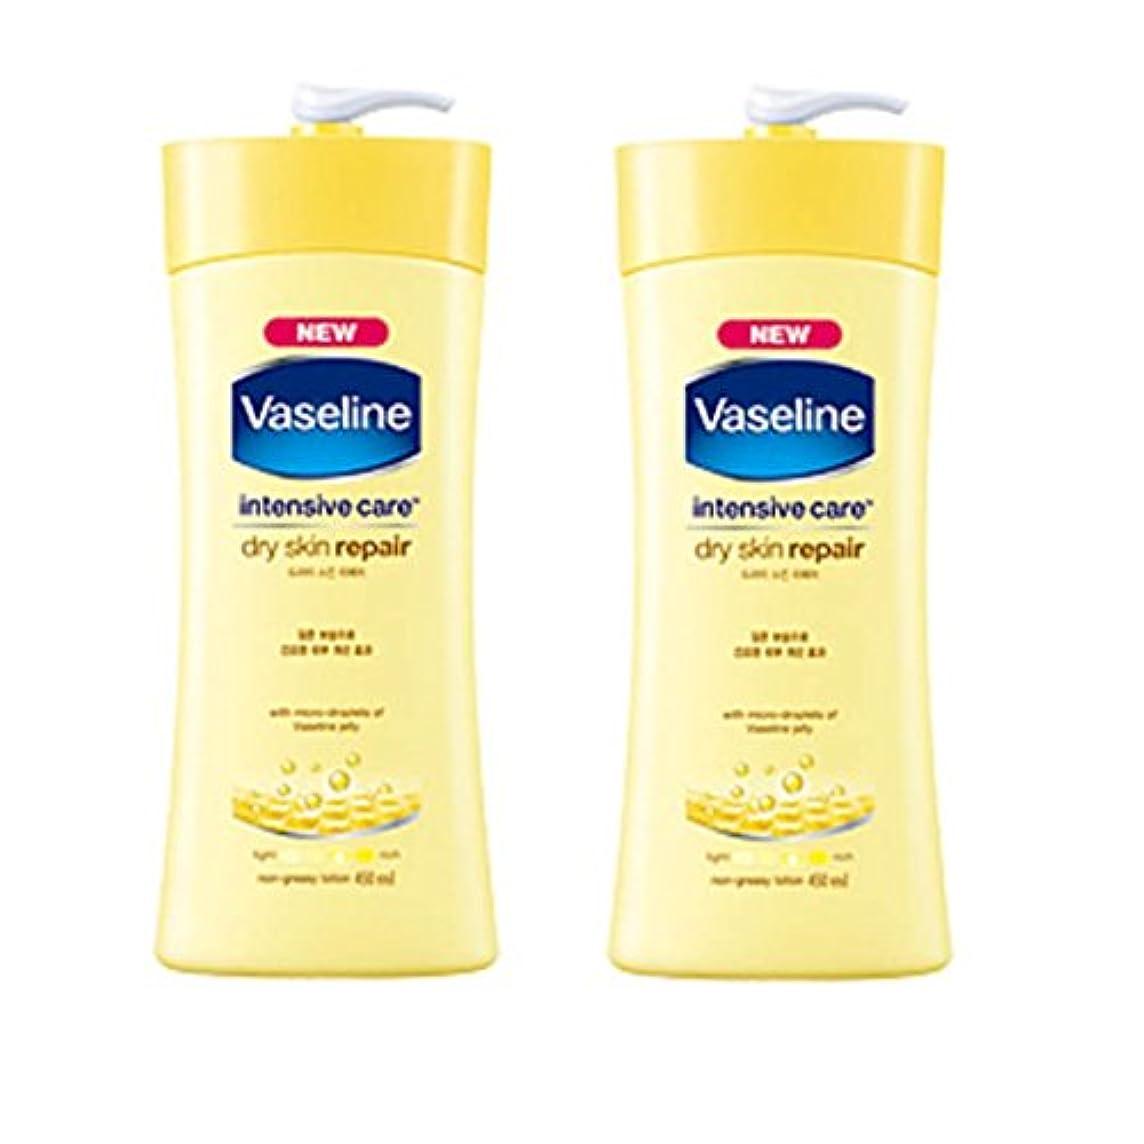 ショッピングセンター不機嫌給料ヴァセリン インテンシブケア ドライスキン リペアローション(Vaseline Intensive Care Dry Skin Repair Lotion) 450ml X 2個 [並行輸入品]